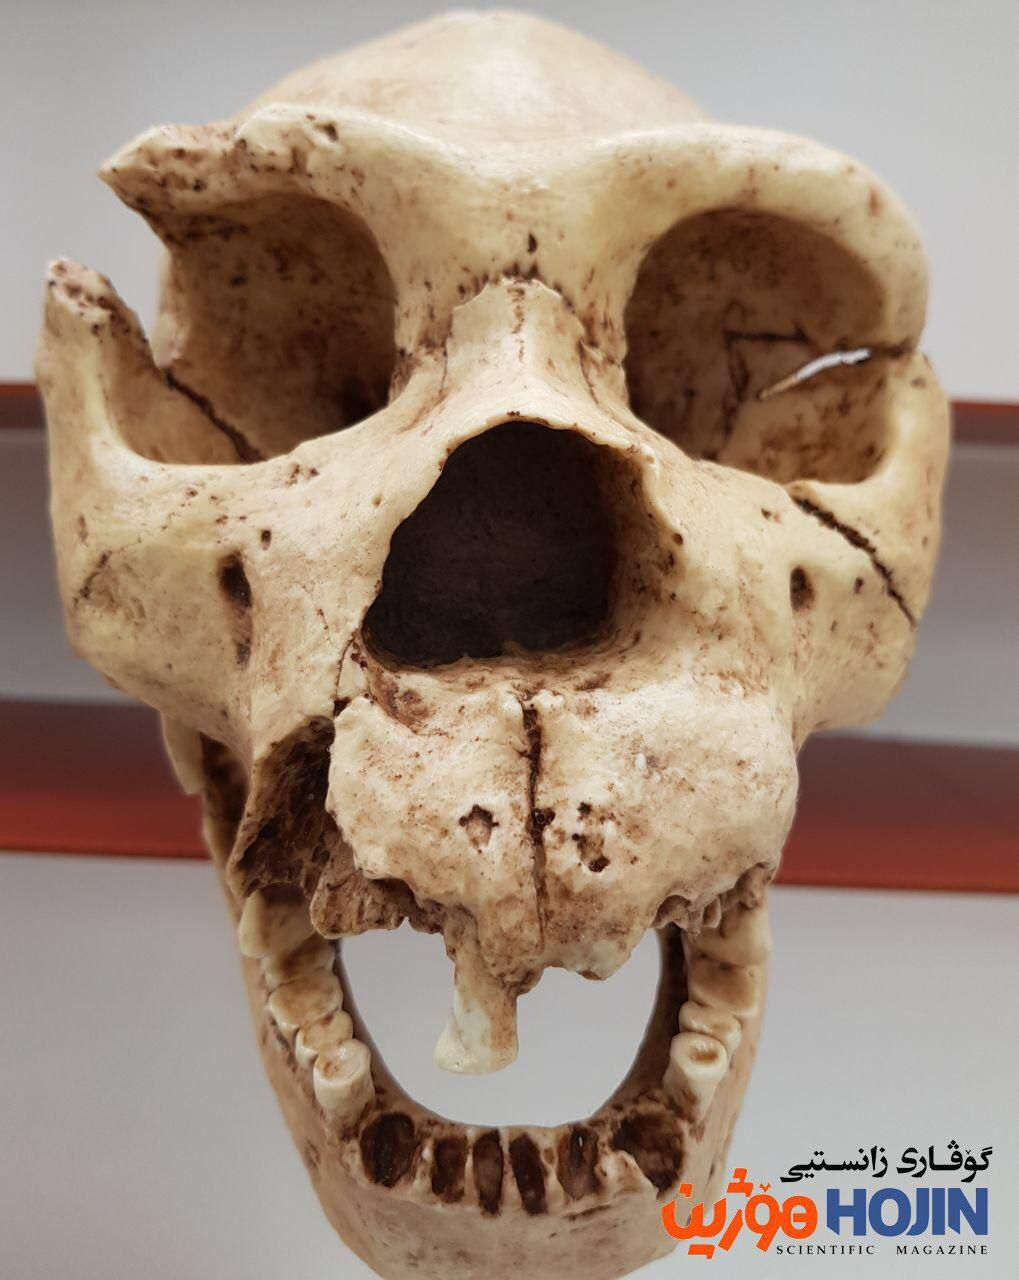 Homo heidelbergensis تەکمیلترین کاسەسەری ئەم جۆرەی مرۆڤە. ناوی میگوێلۆنە (دۆزەرەوەکەی) و تەمەنی بۆ ٤٠٠ هەزار ساڵ لەوەپێش دەگەڕێتەوە. زیاتر لە ٥هەزار کاسەسەری لەم جۆرە لە سپانیا دۆزراونەتەوە.